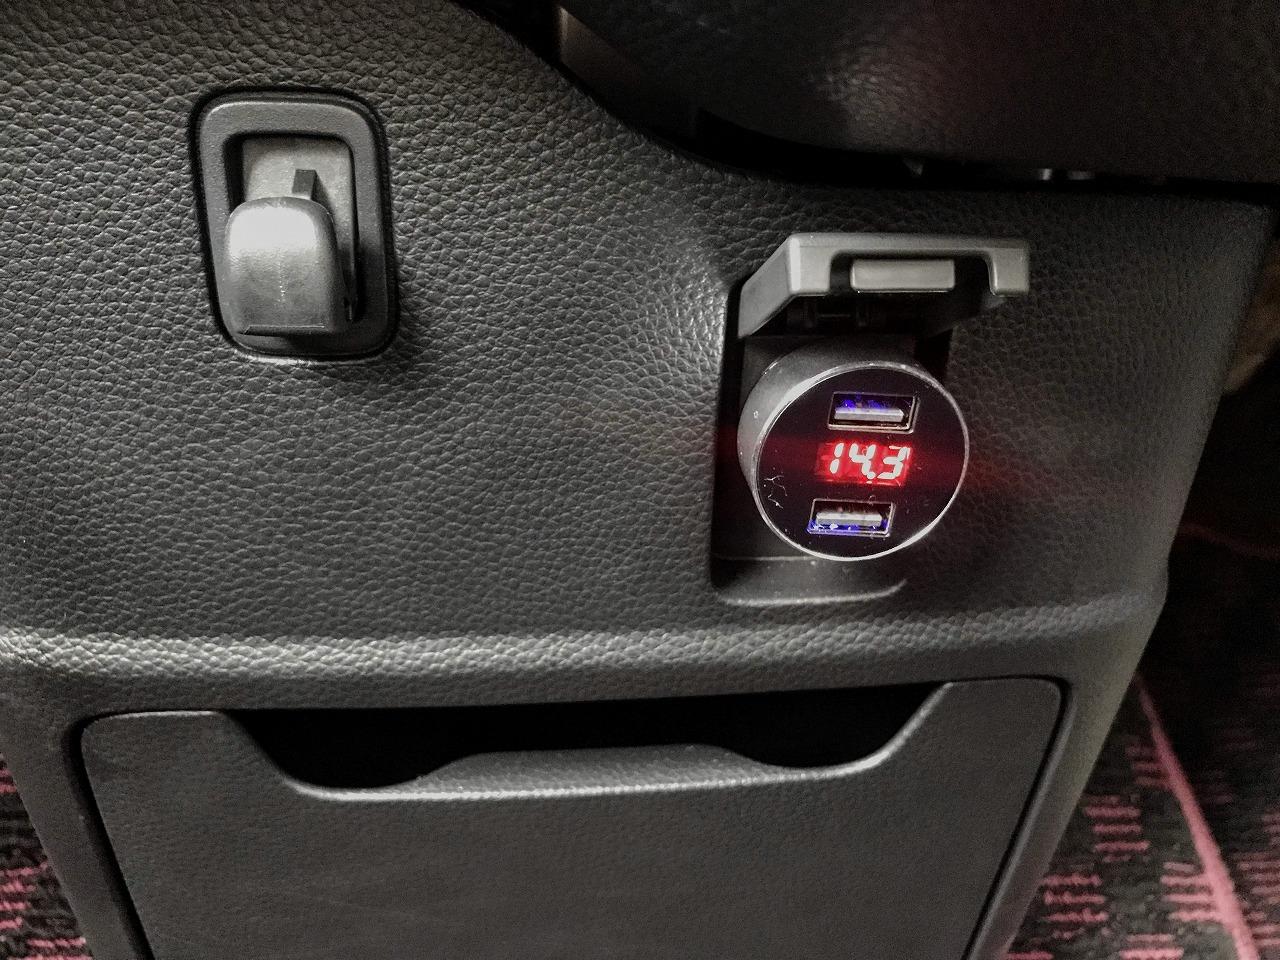 シガーソケットに挿すバッテリー電圧計付きのUSBカーチャージャーを買ってN-BOXで試してみた^^